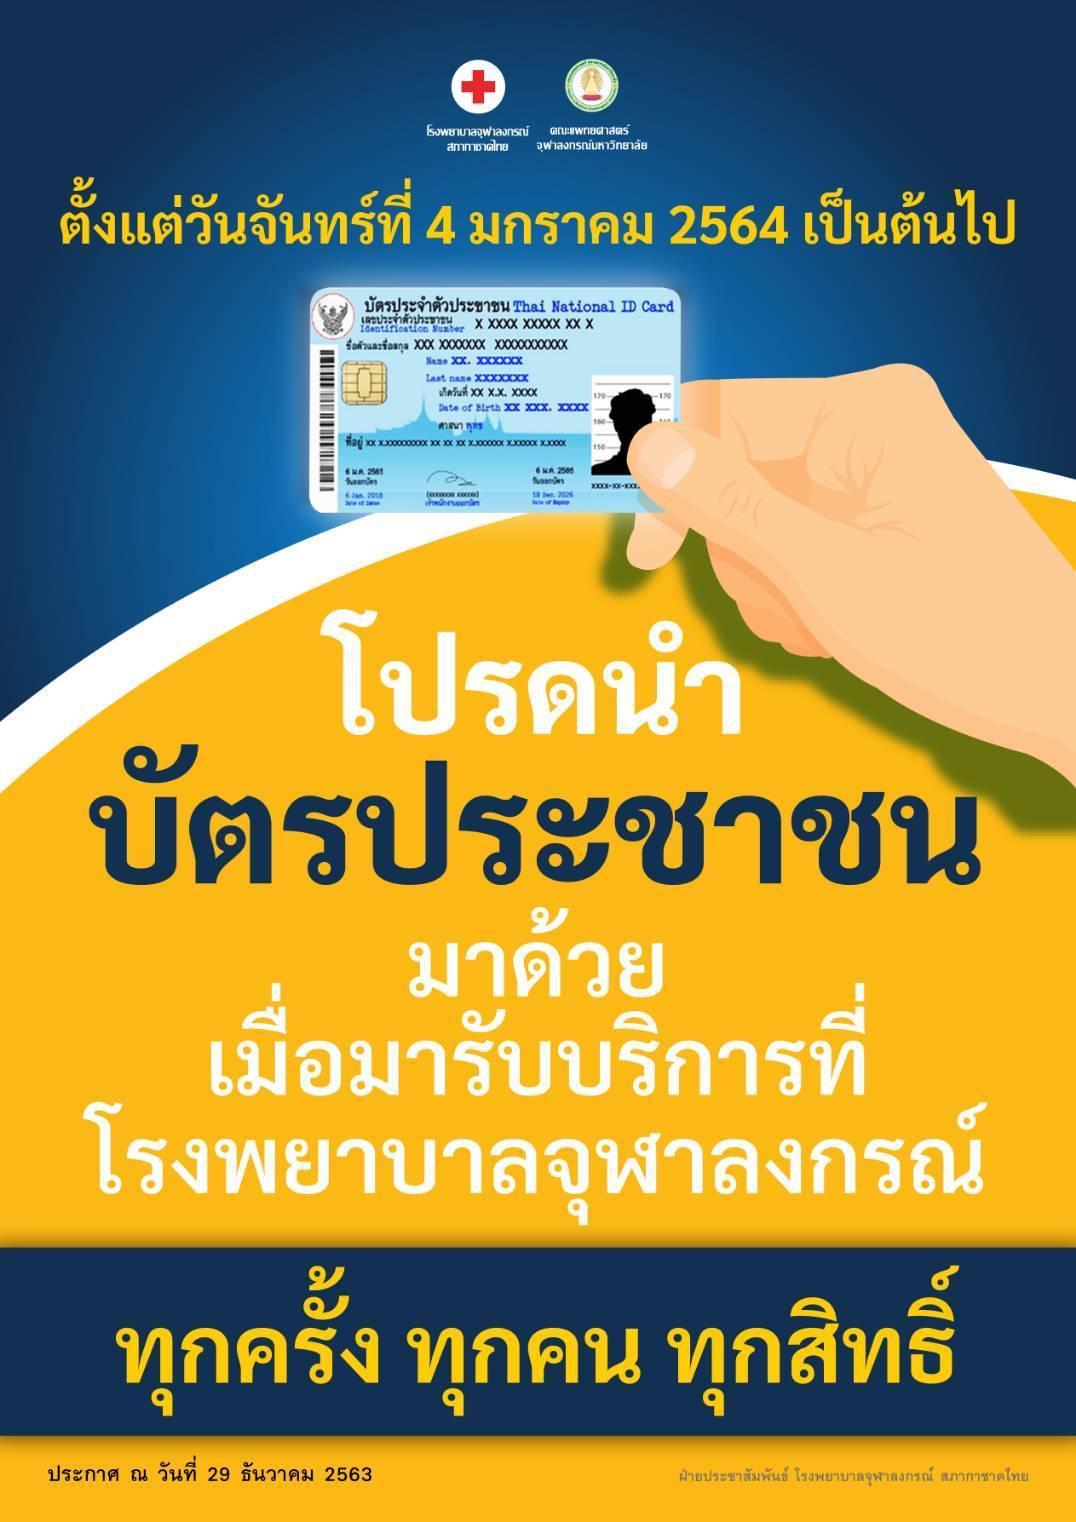 โปรดนำ บัตรประชาชน มาด้วย เมื่อมารับบริการที่ โรงพยาบาลจุฬาลงกรณ์ ทุกครั้ง ทุกคน ทุกสิทธิ์